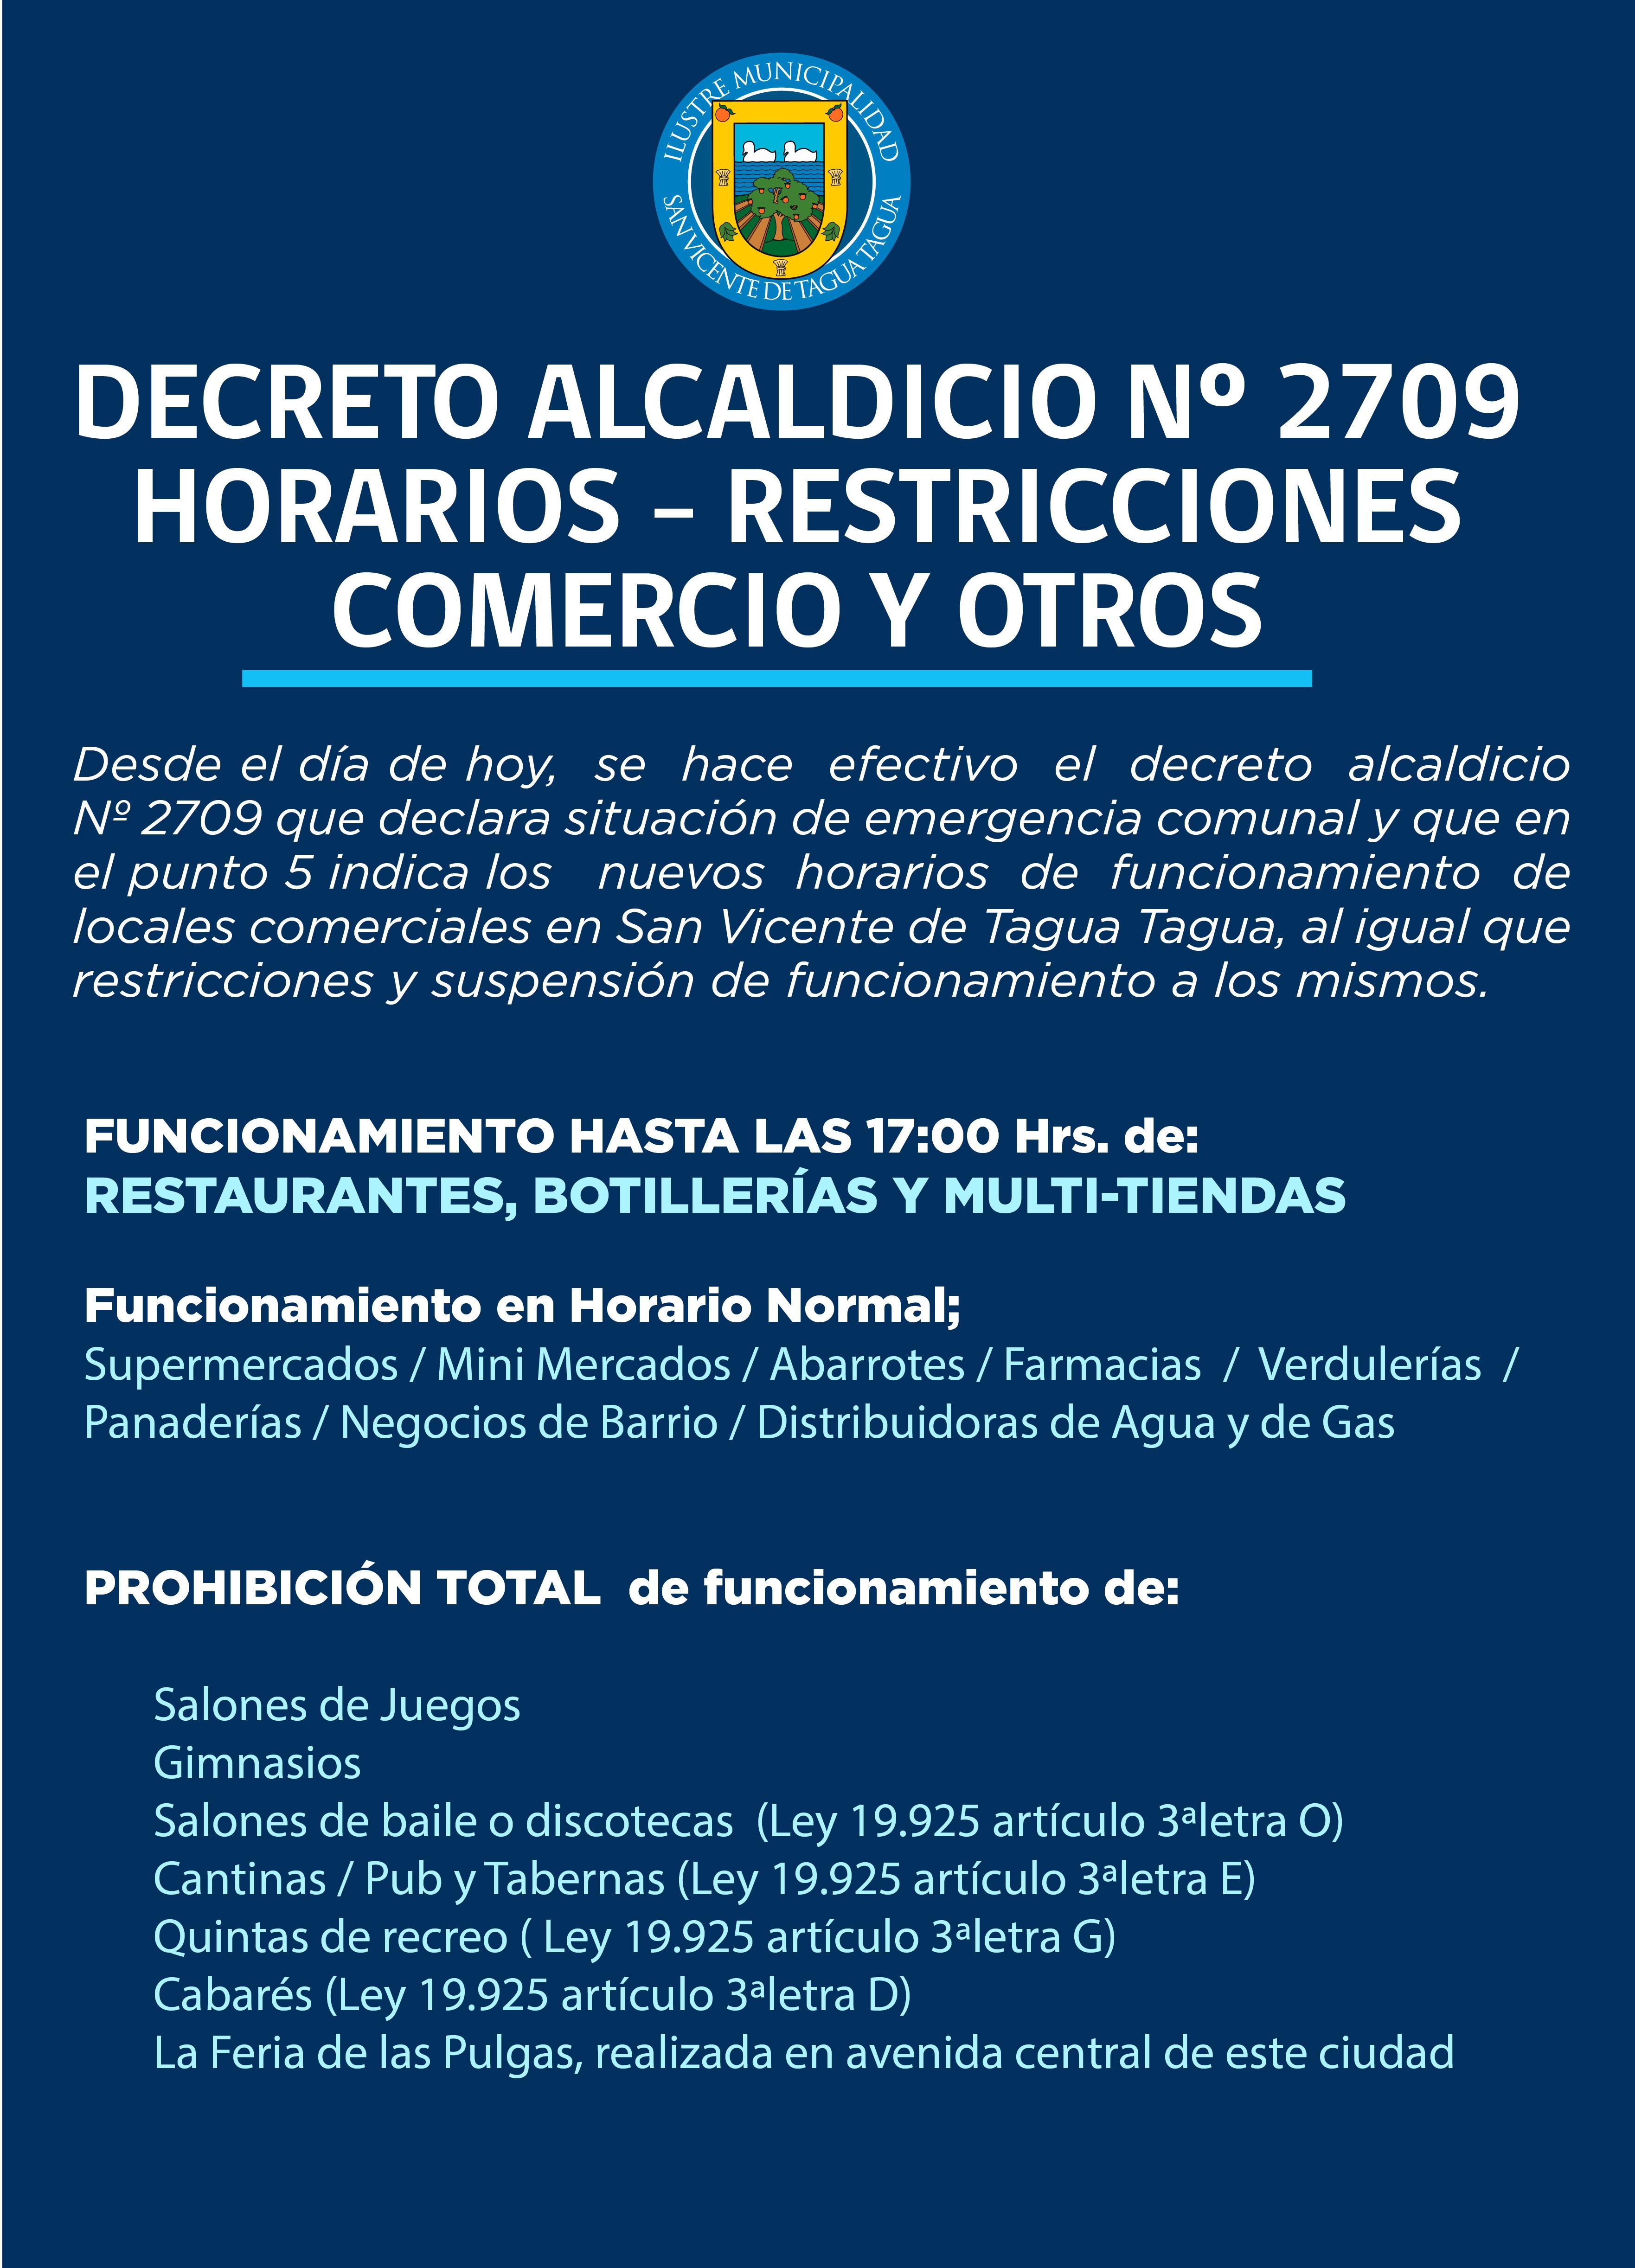 DECRETO ALCALDICIO Nº 2709 QUE DECLARA SITUACIÓN DE EMERGENCIA COMUNAL POR BROTE DEL NUEVO CORONAVIRUS COVID-19